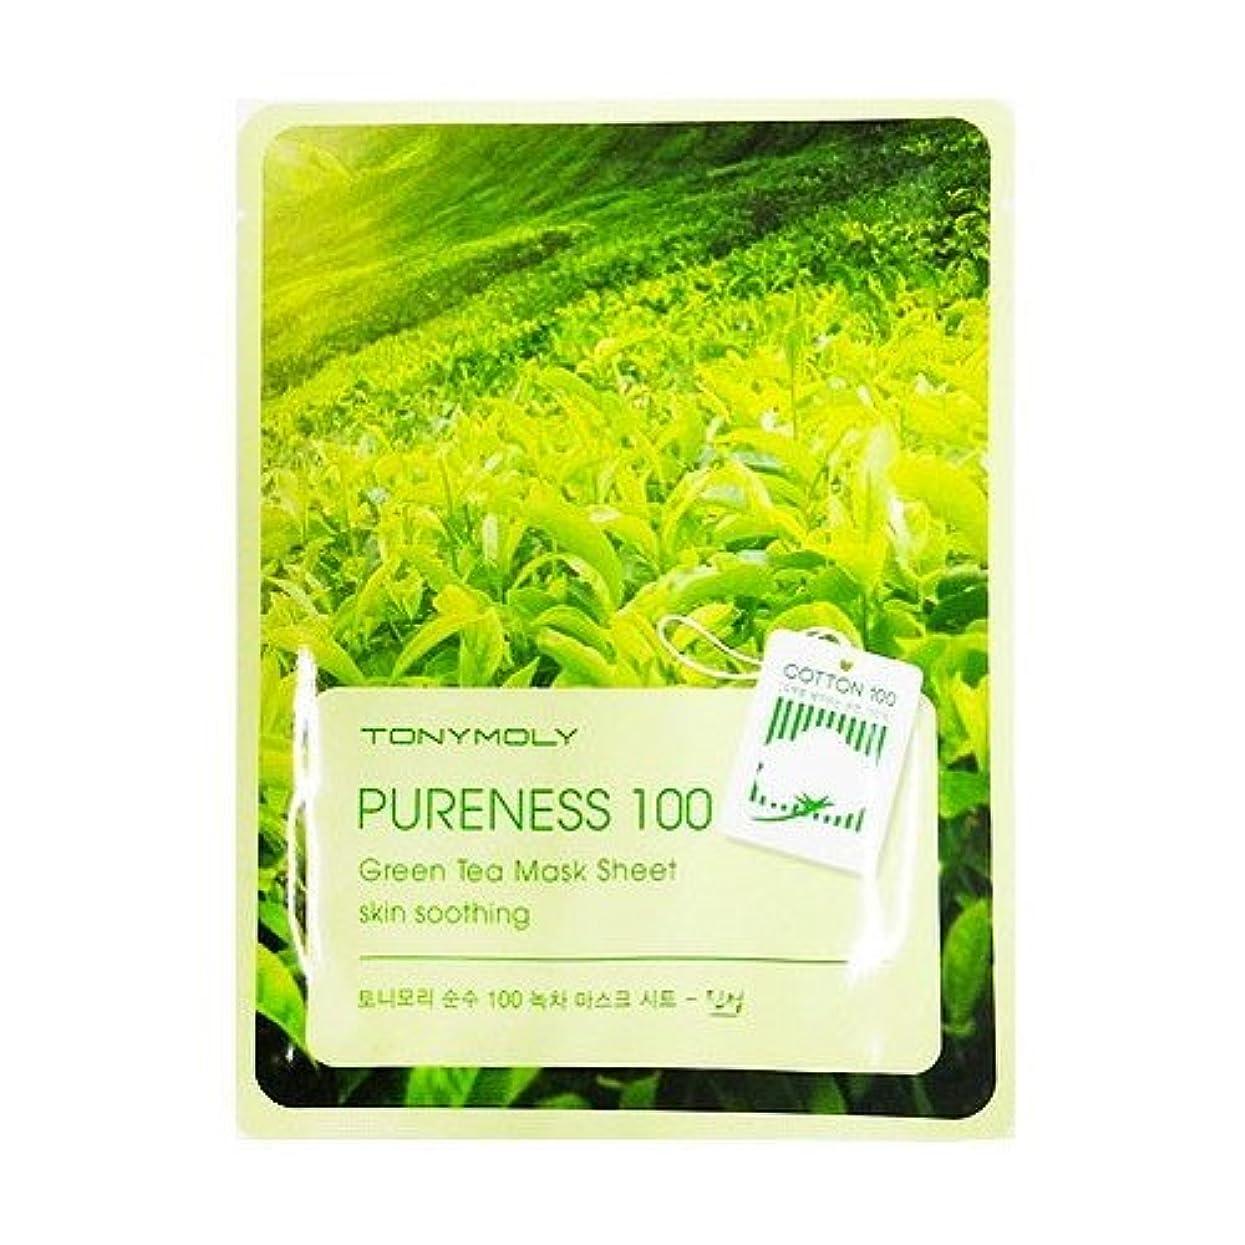 サラミ即席歩き回る(6 Pack) TONYMOLY Pureness 100 Green Tea Mask Sheet Skin Soothing (並行輸入品)